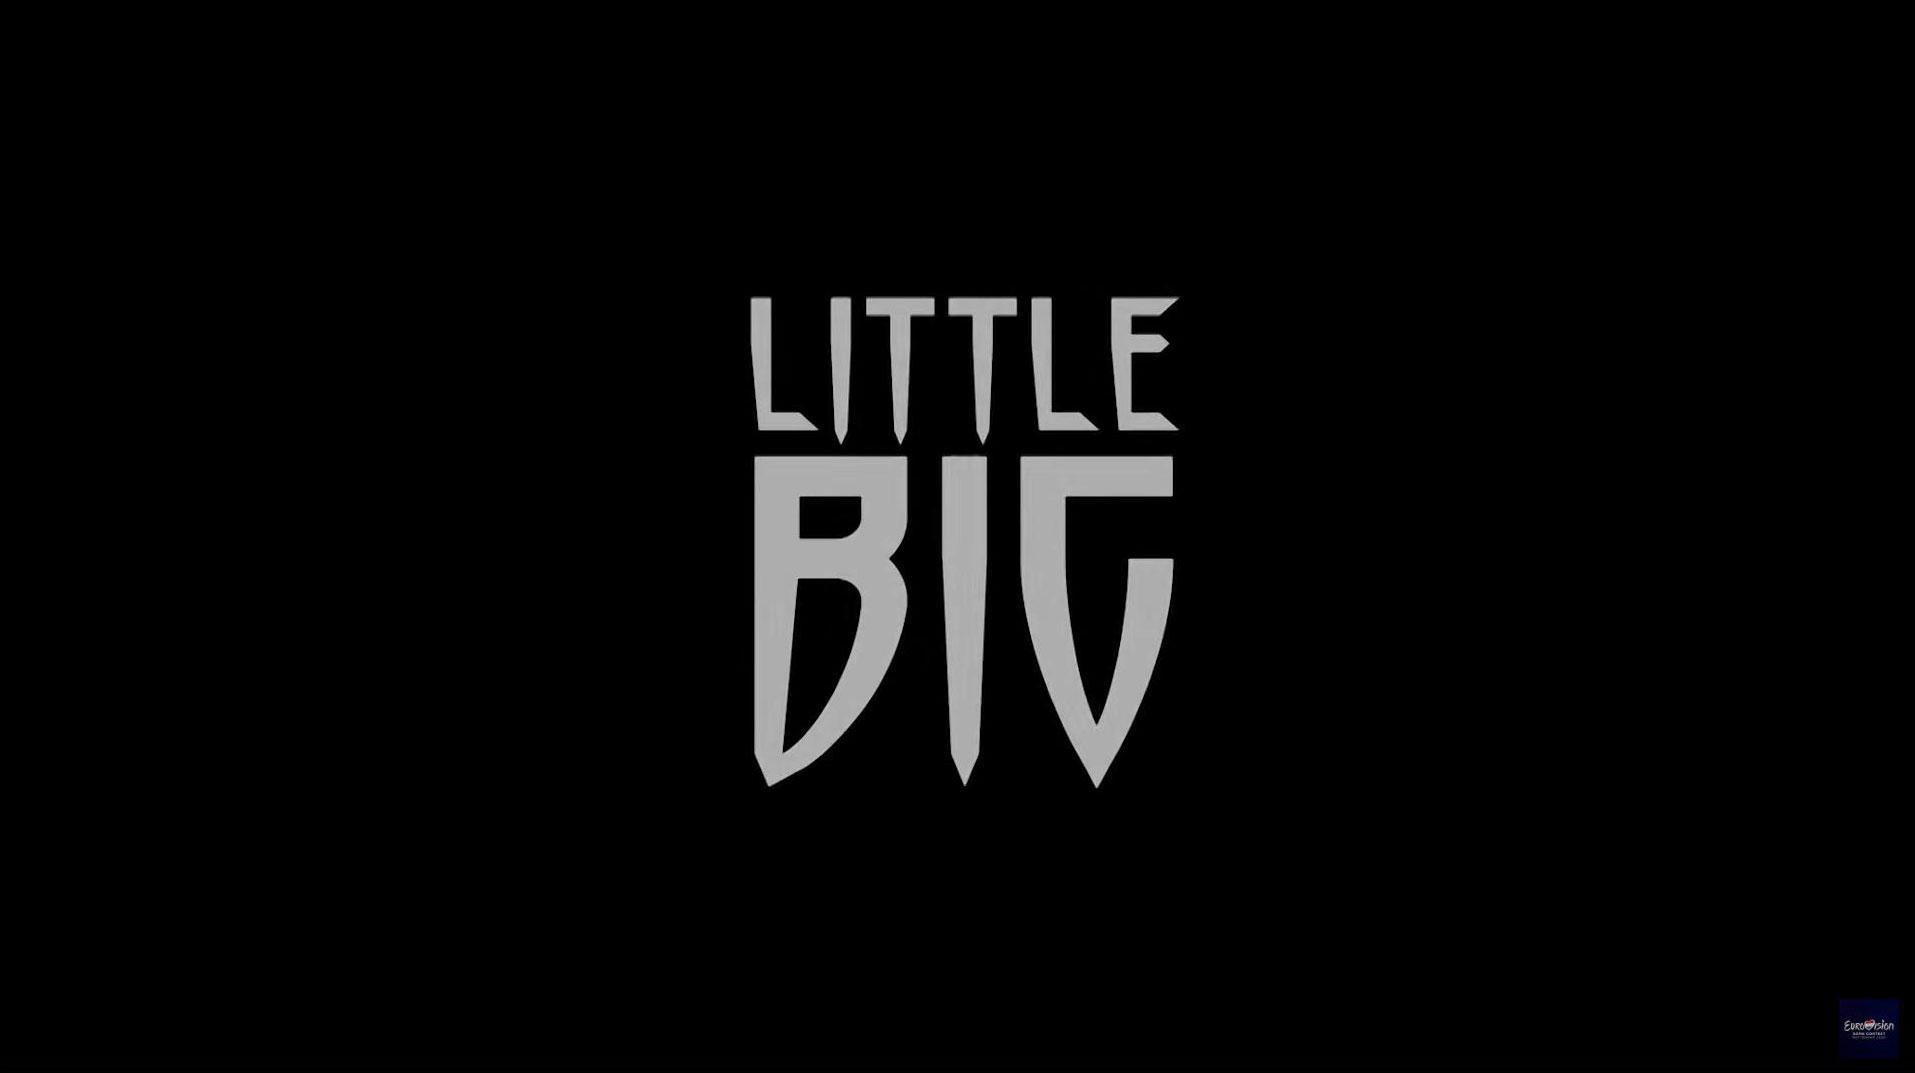 Счем Little Big собрались наЕвровидение: бойкий мотив иозорной толстячок вновом клипе